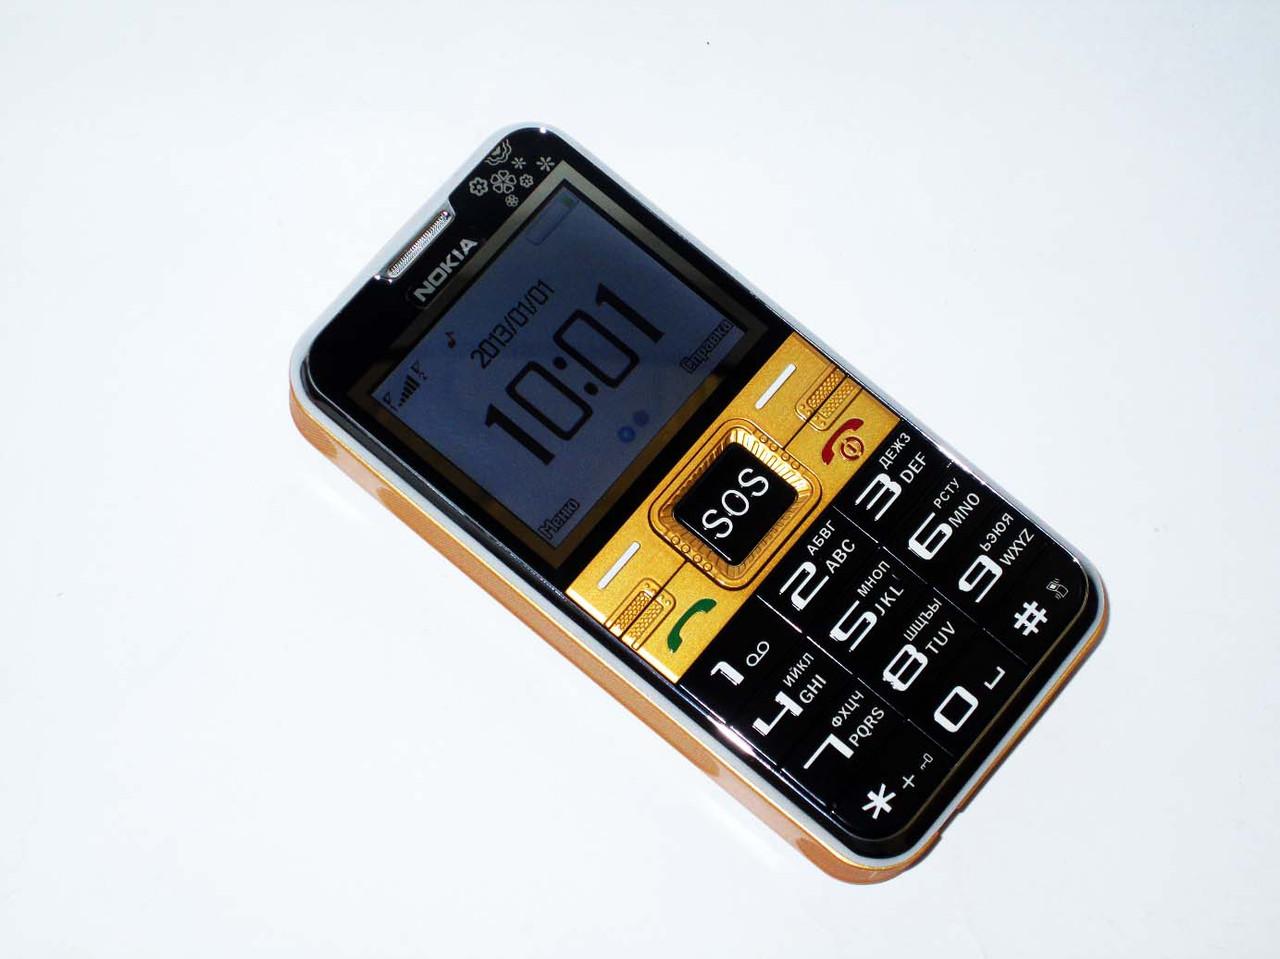 Телефон Nokia G36 (БАБУШКОФОН) - 2Sim+Camera+BT+FM